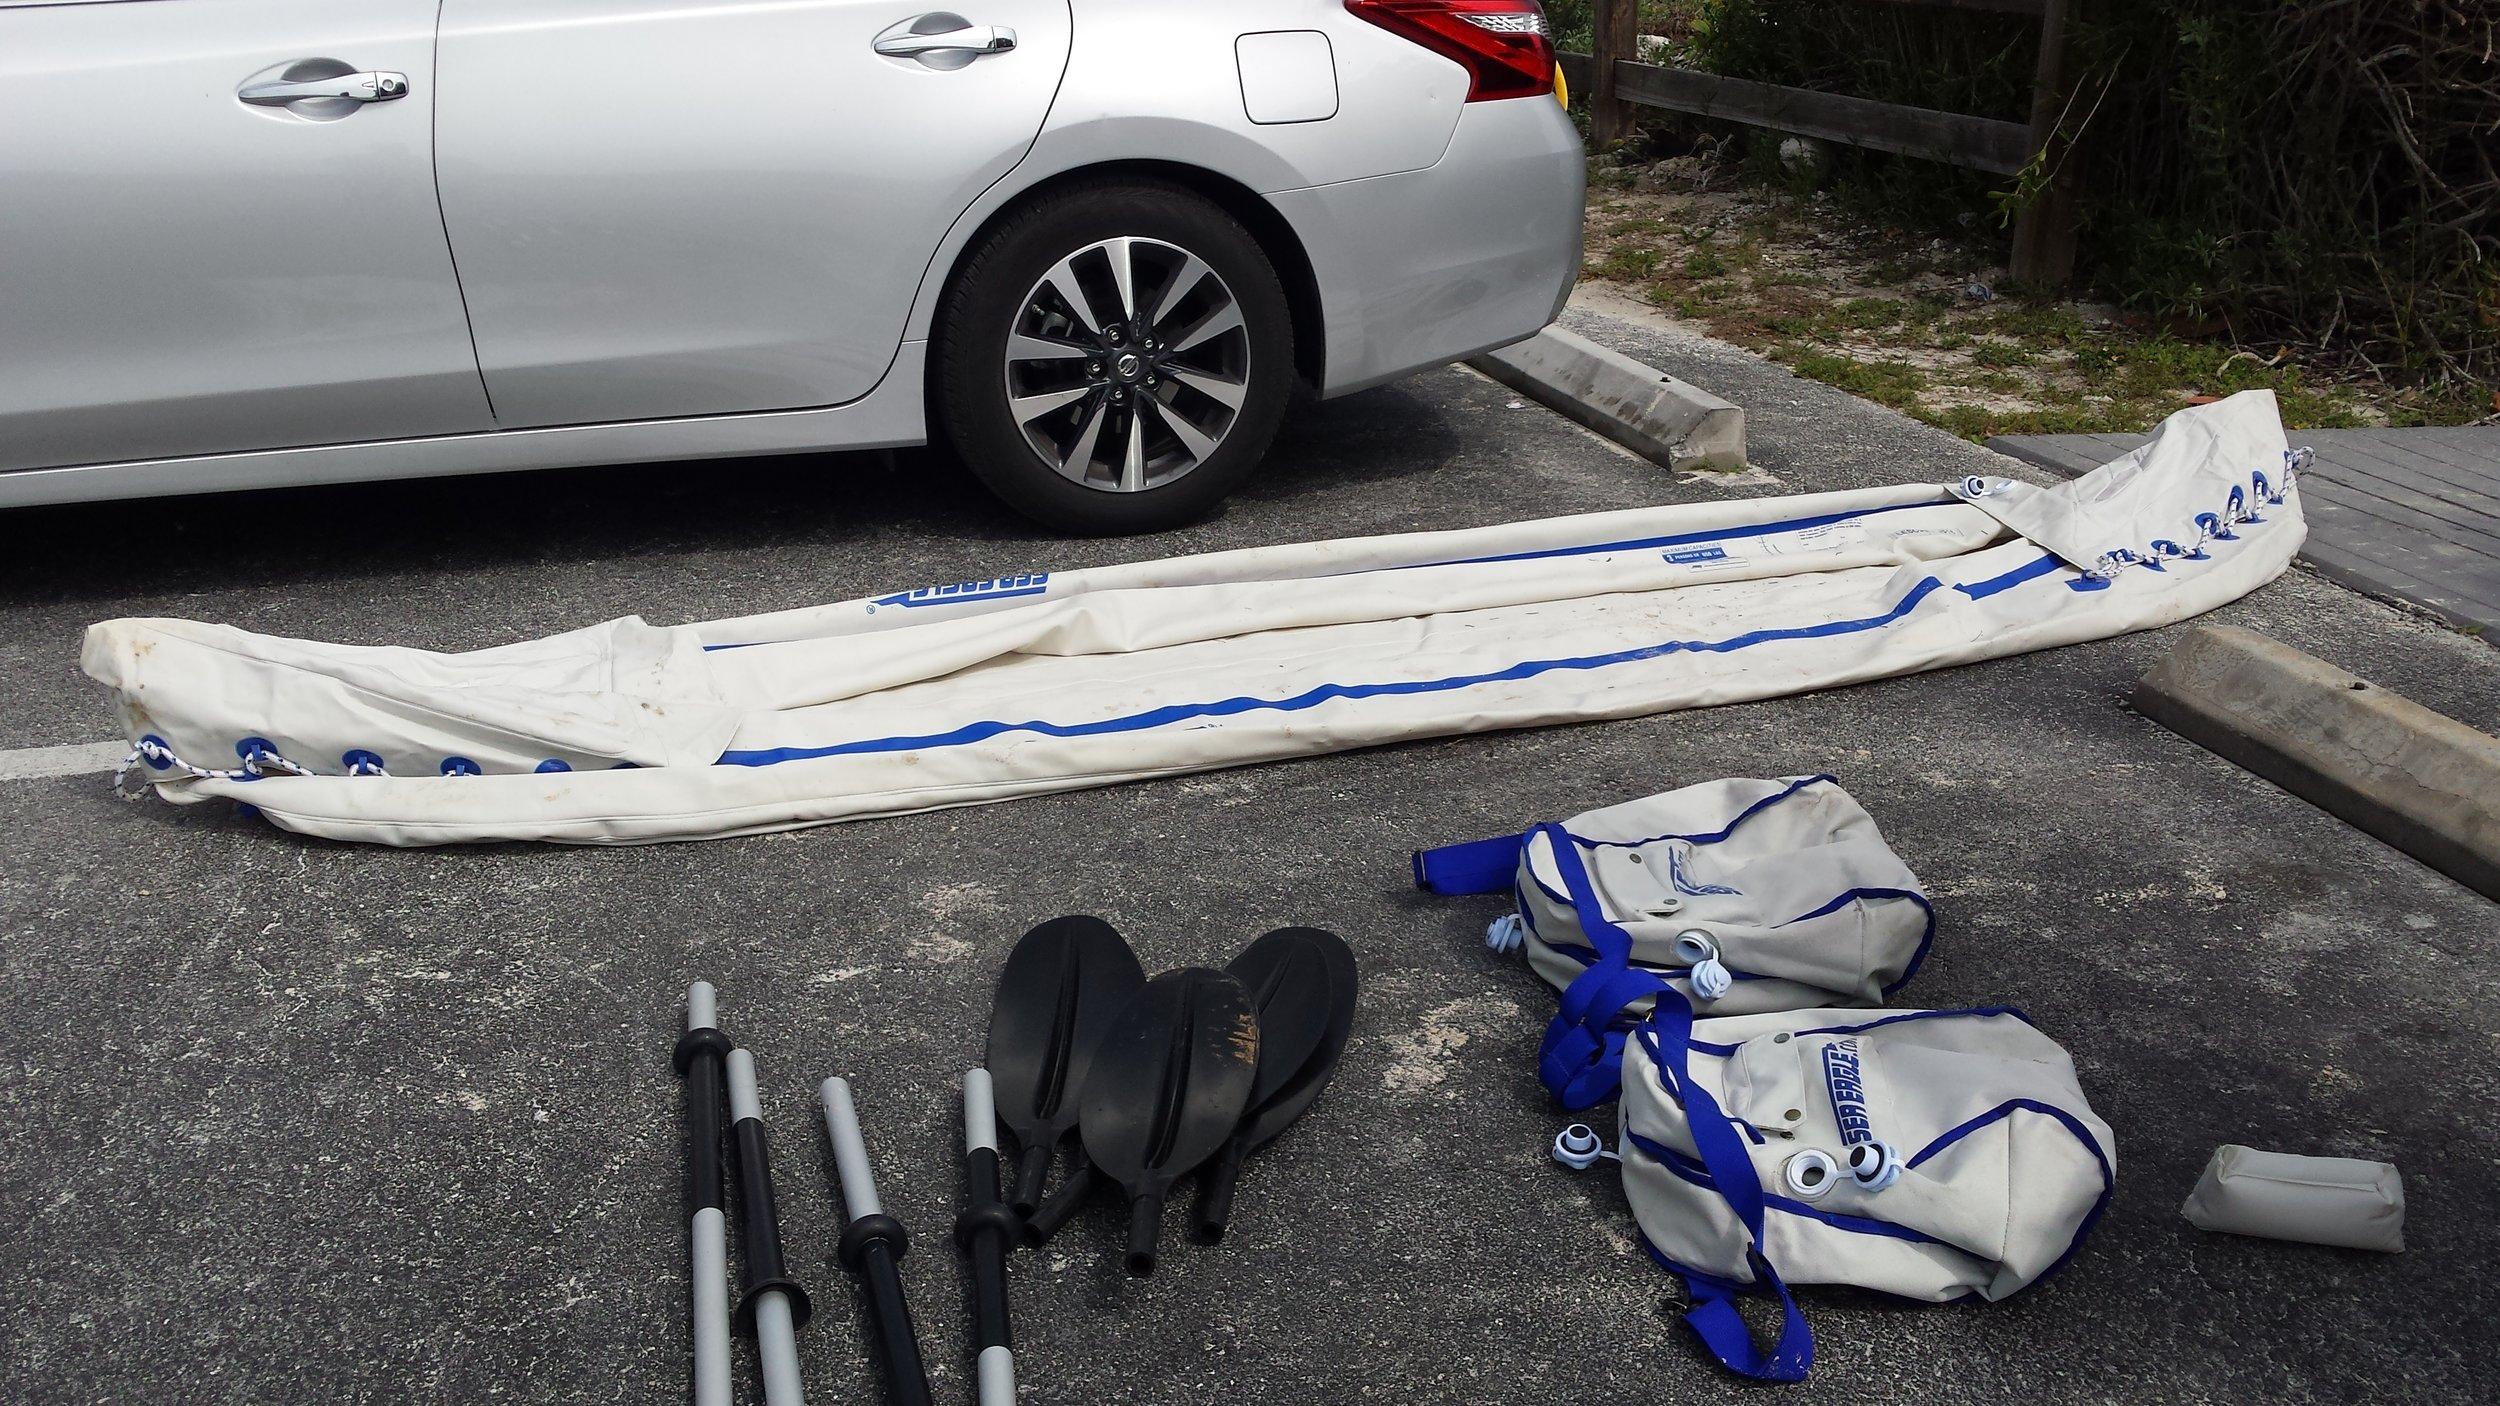 Preparing to kayak at Bahia Honda State Park